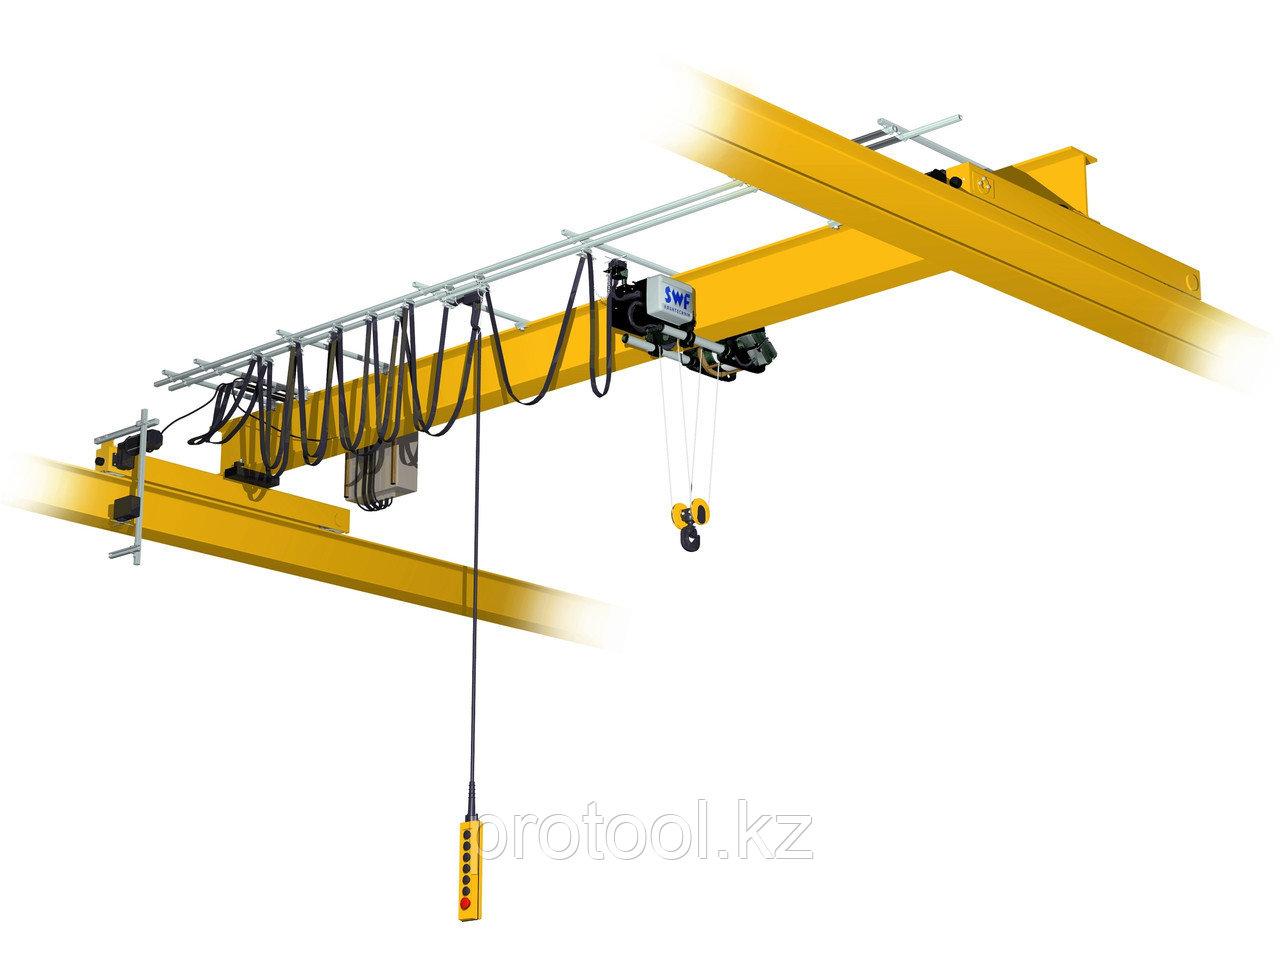 Кран мостовой однобалочный опорный однопролётный г/п 10 т пролет 6,0 м